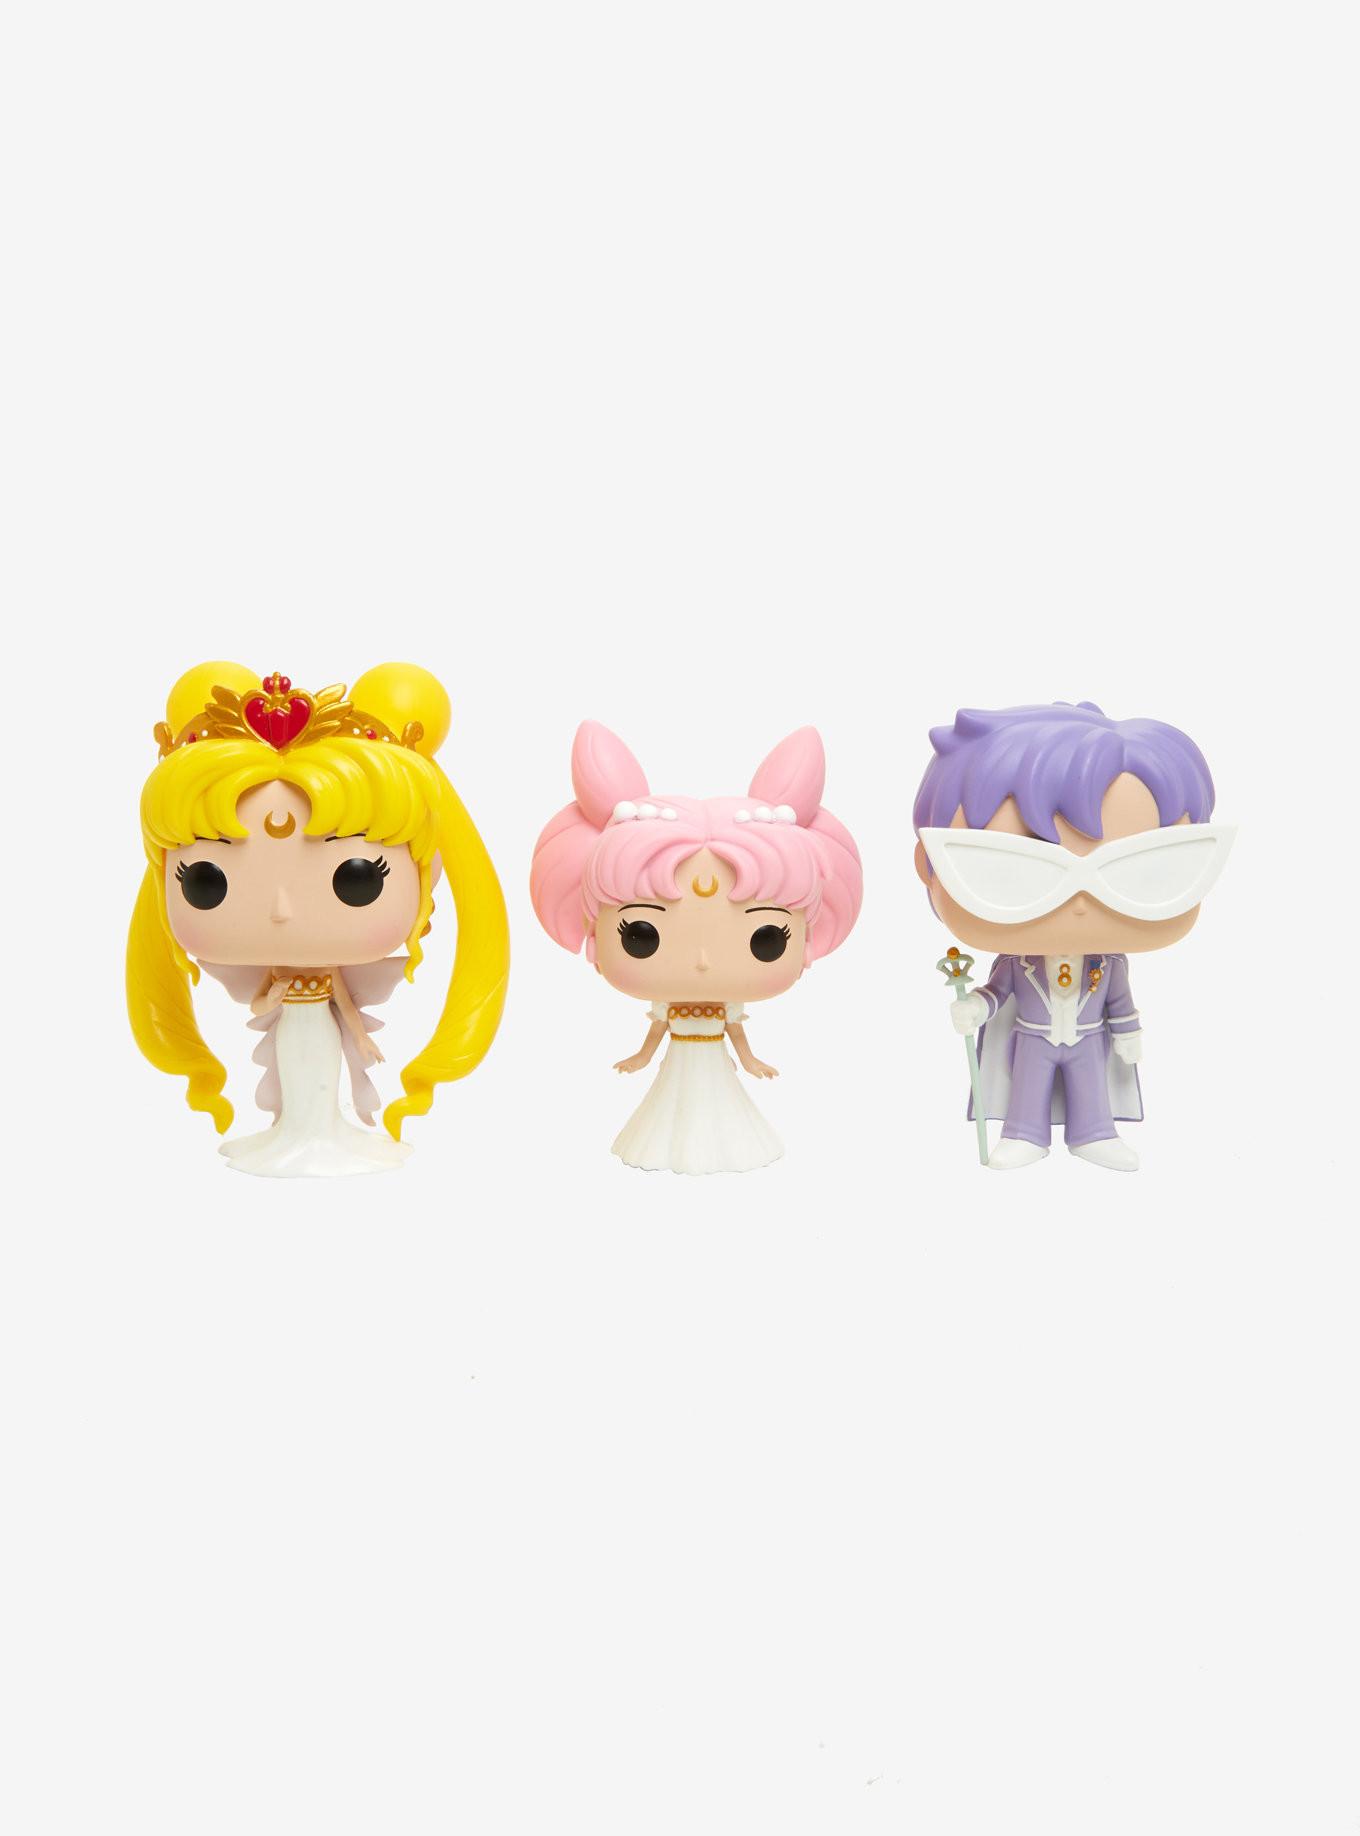 bishoujo_senshi_sailor_moon toei_animation takeuchi_naoko neo_queen_serenity king_endymion funko_toys pop!_vinyl princess_usagi_small_lady_serenity